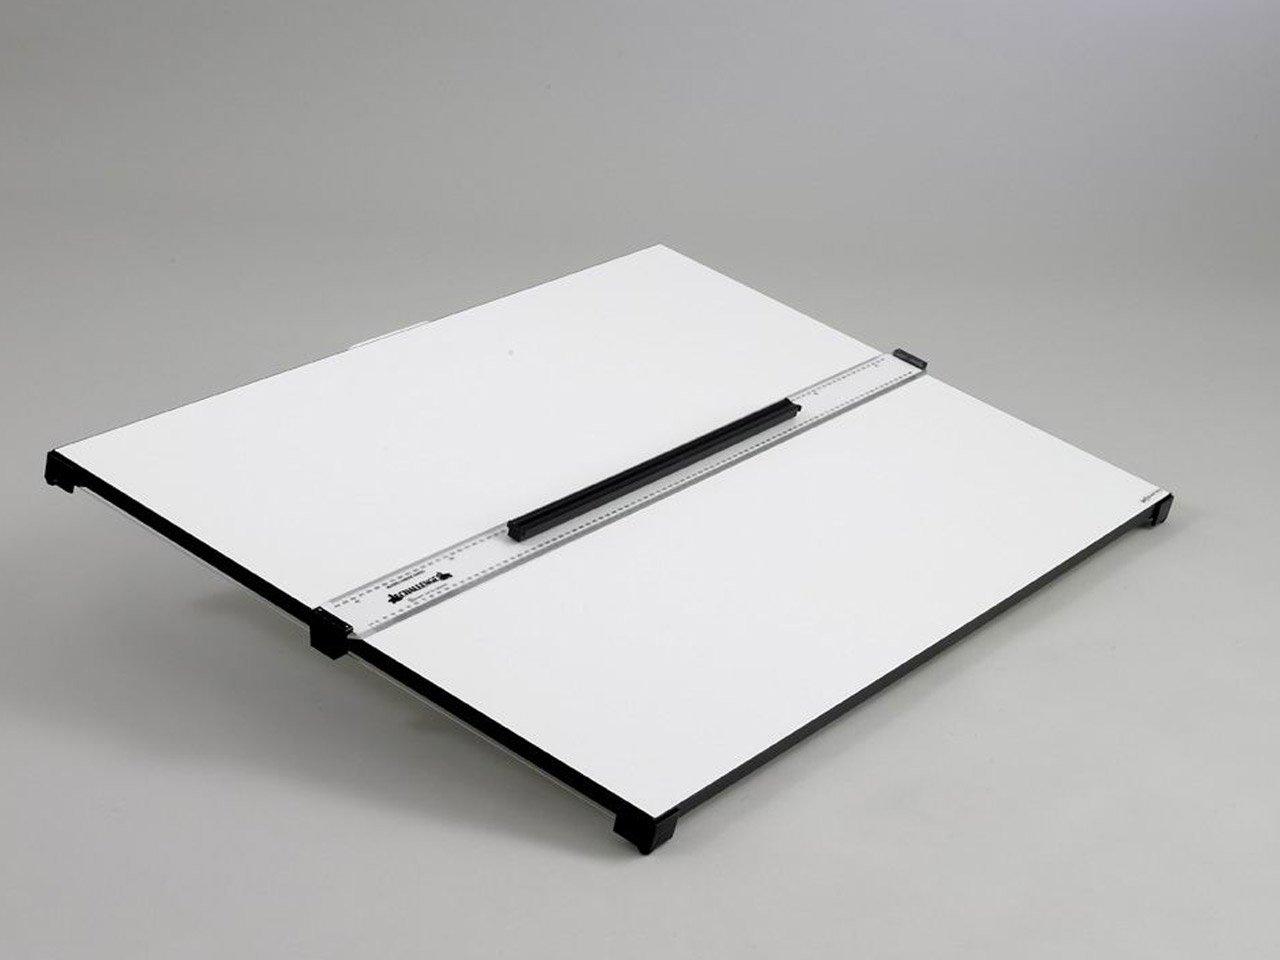 Blundell Harling - Tavolo da disegno con supporto, da usare piatto o con inclinazione di 15 gradi, formato A1 A2 BH052451